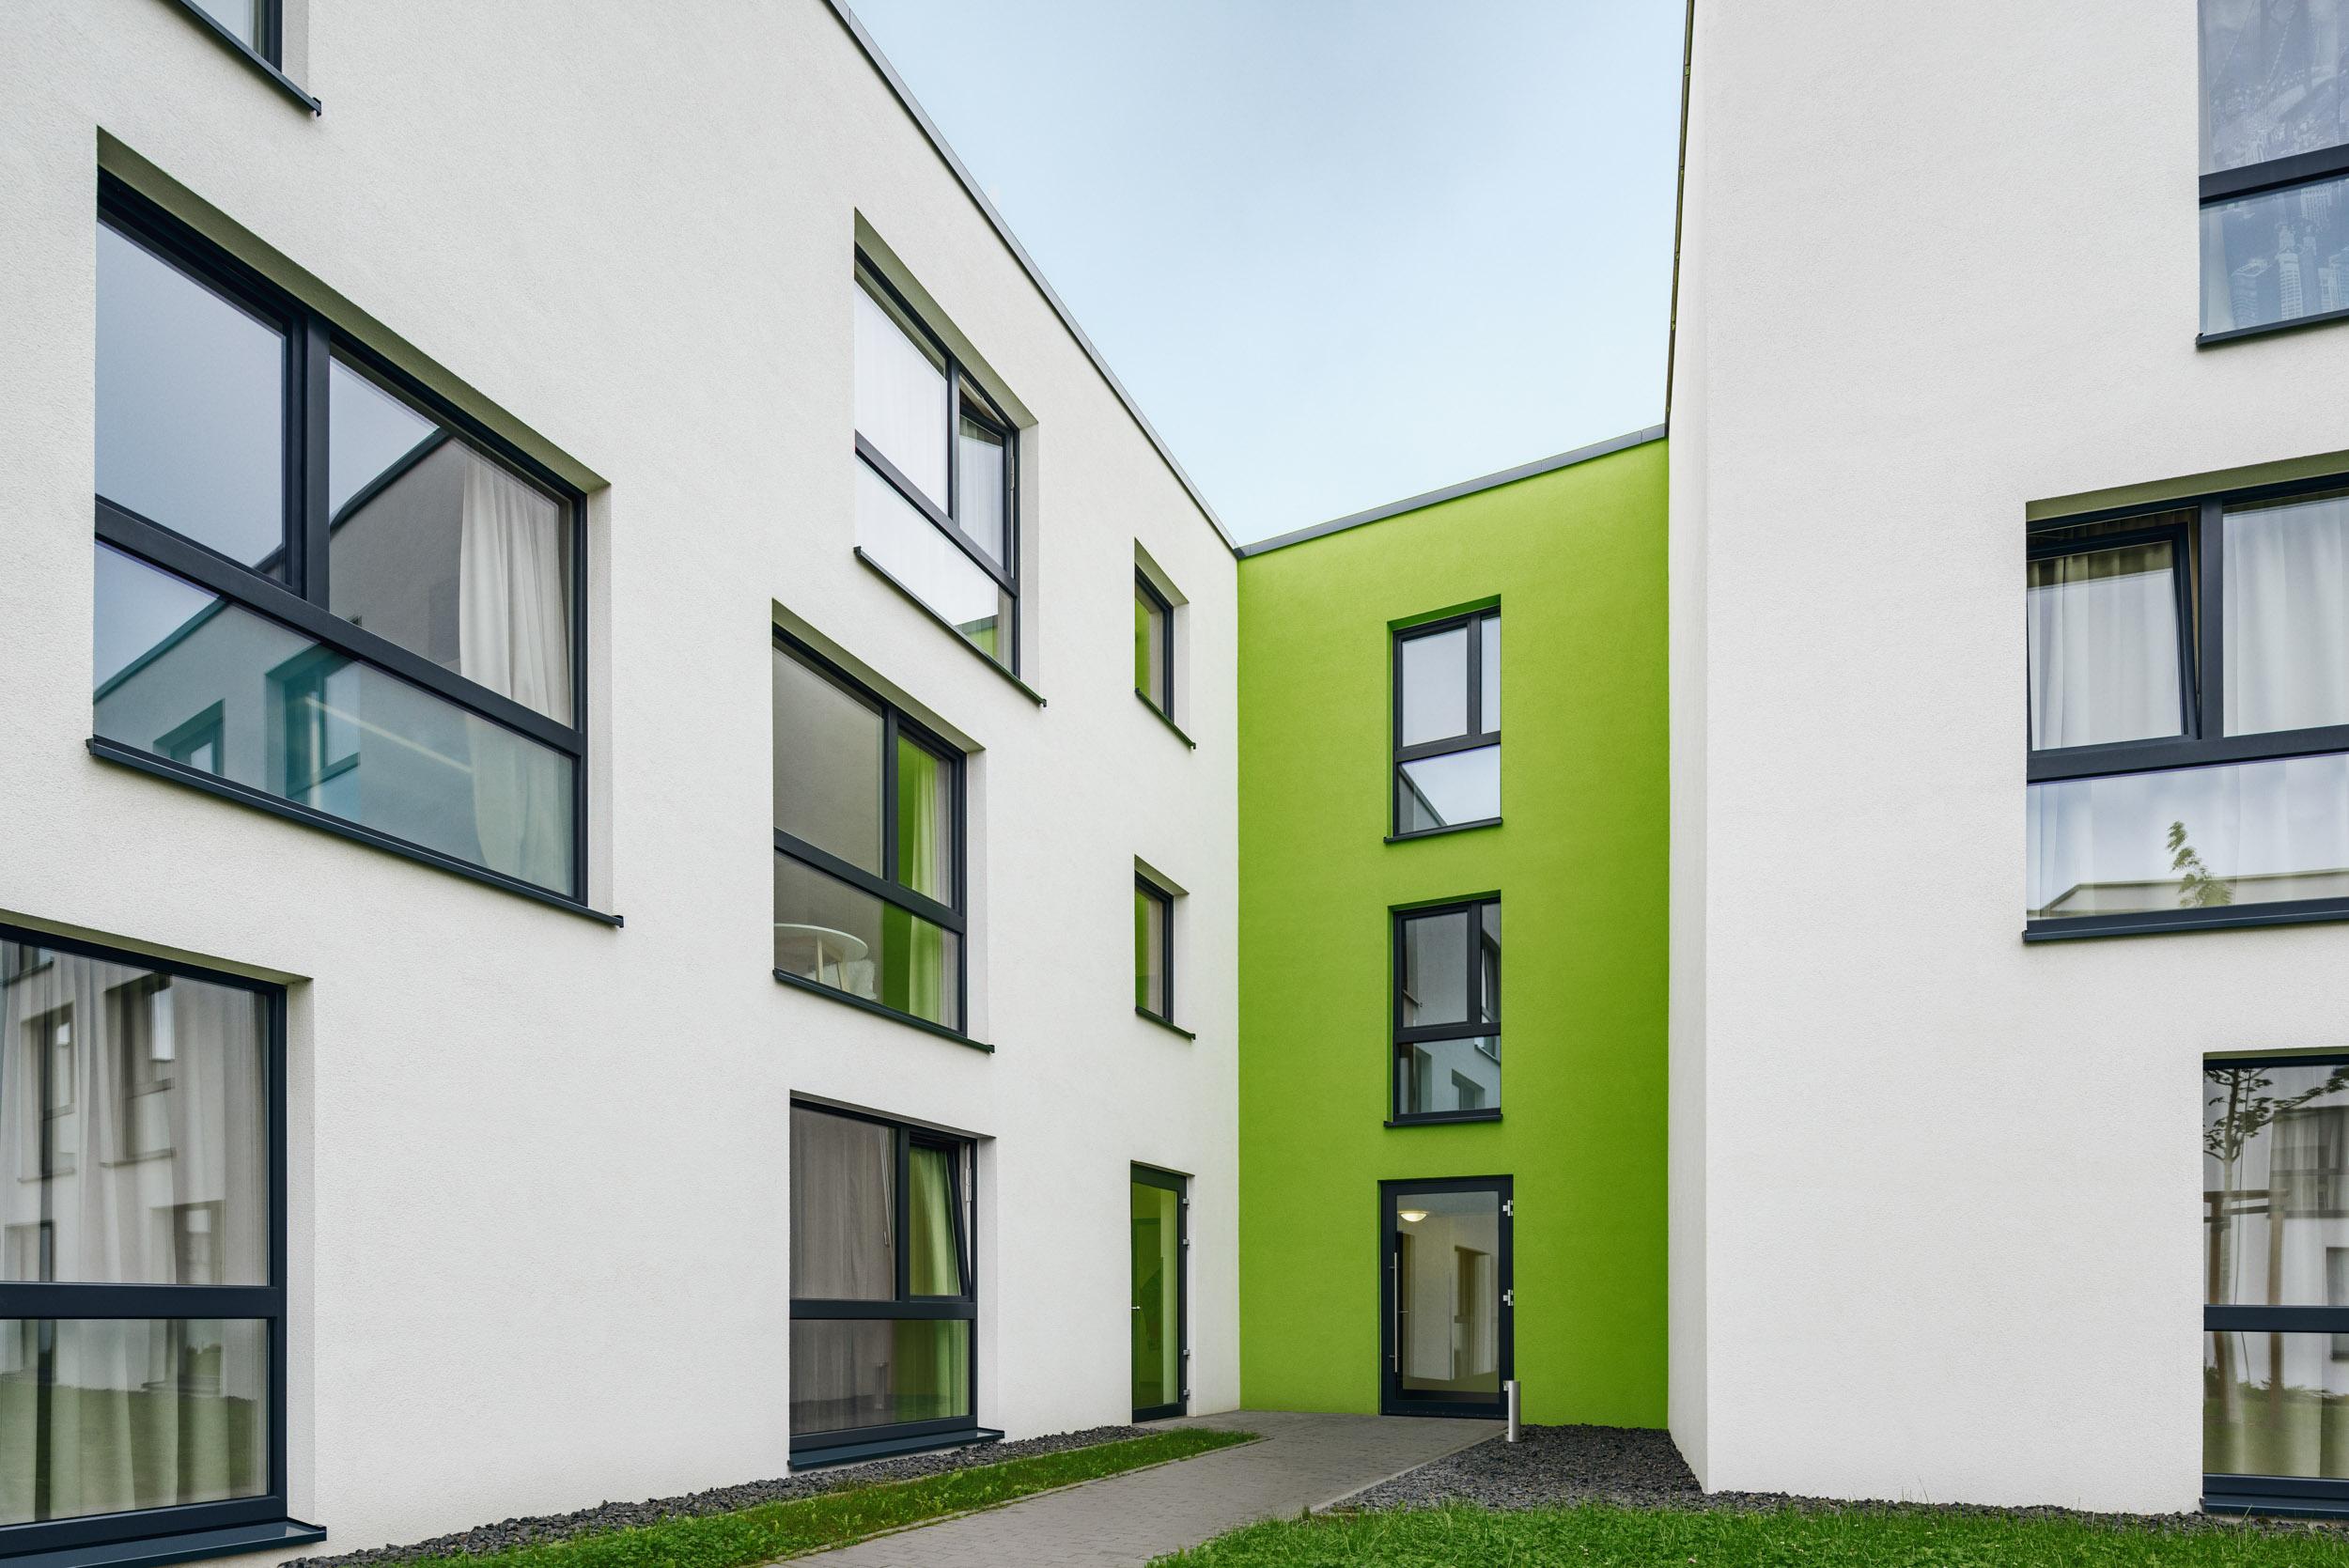 Gustav-Epple-Bauunternehmung-bayreuth-studentenwohnheim-youniq-Bayreuth_MLX5587#00